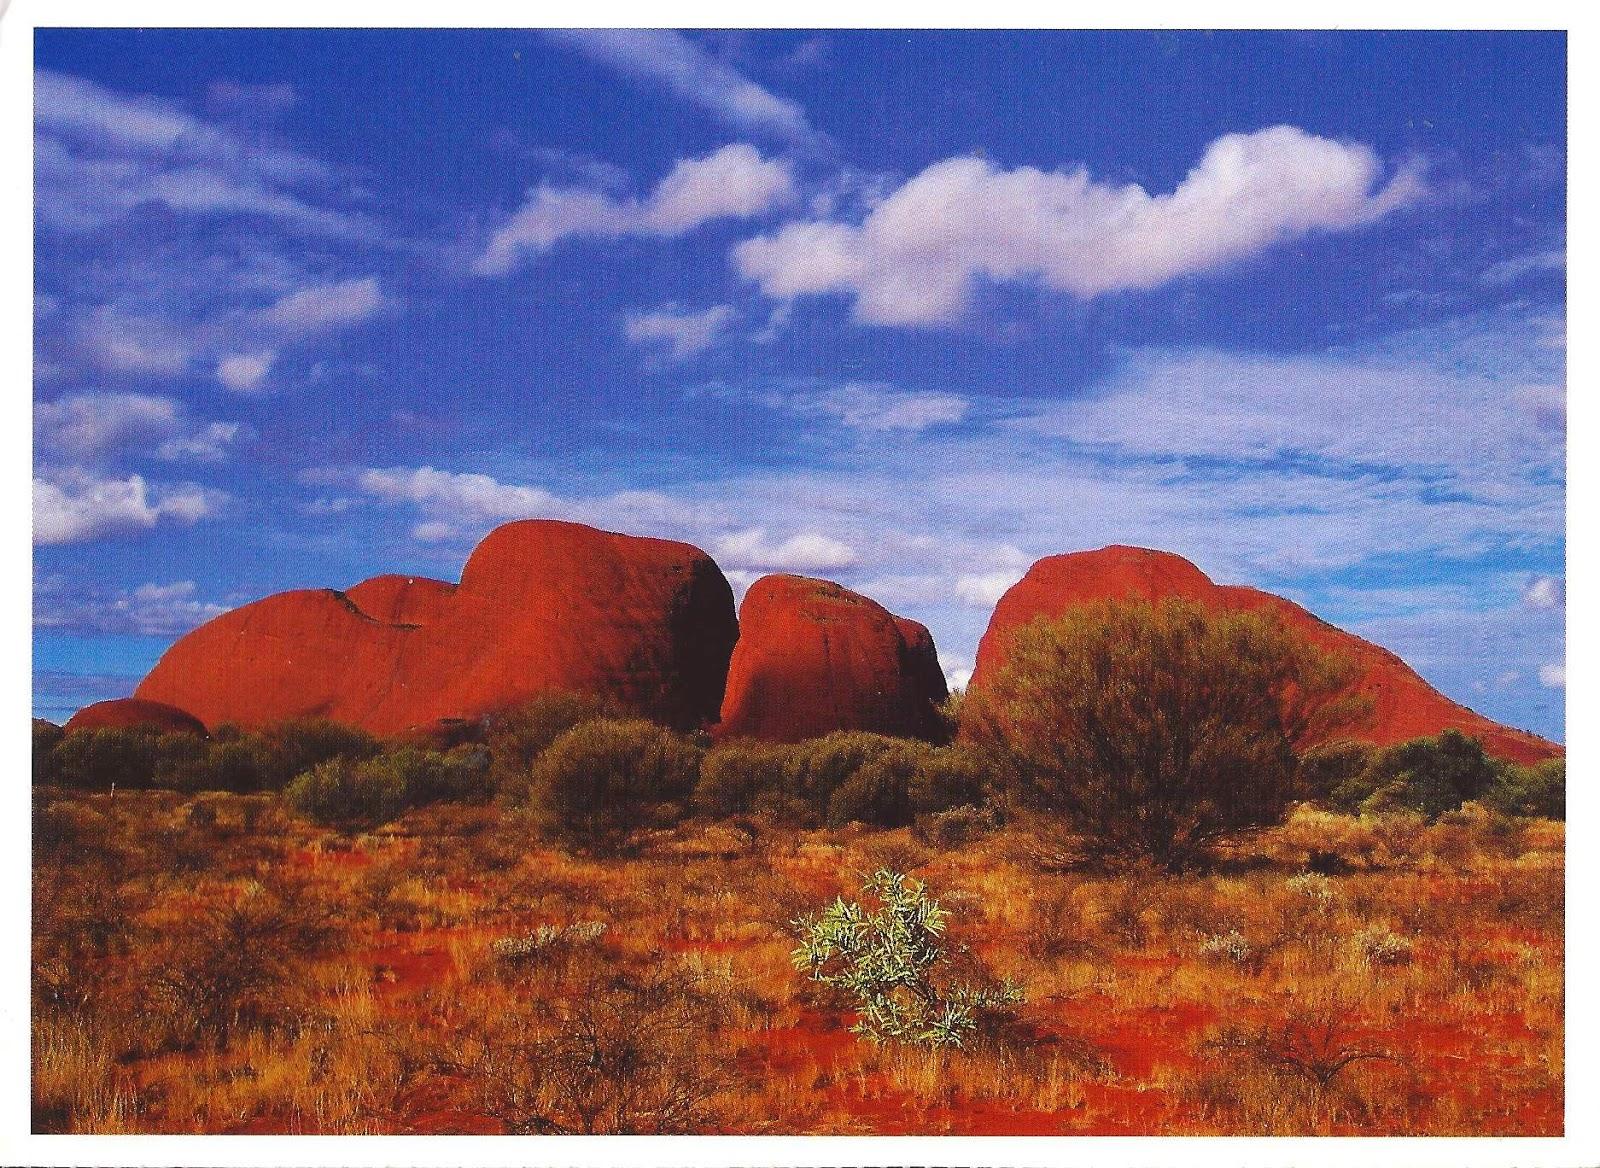 Places | traveljunkies adventure travel |Uluru Kata Tjuta National Park Australia